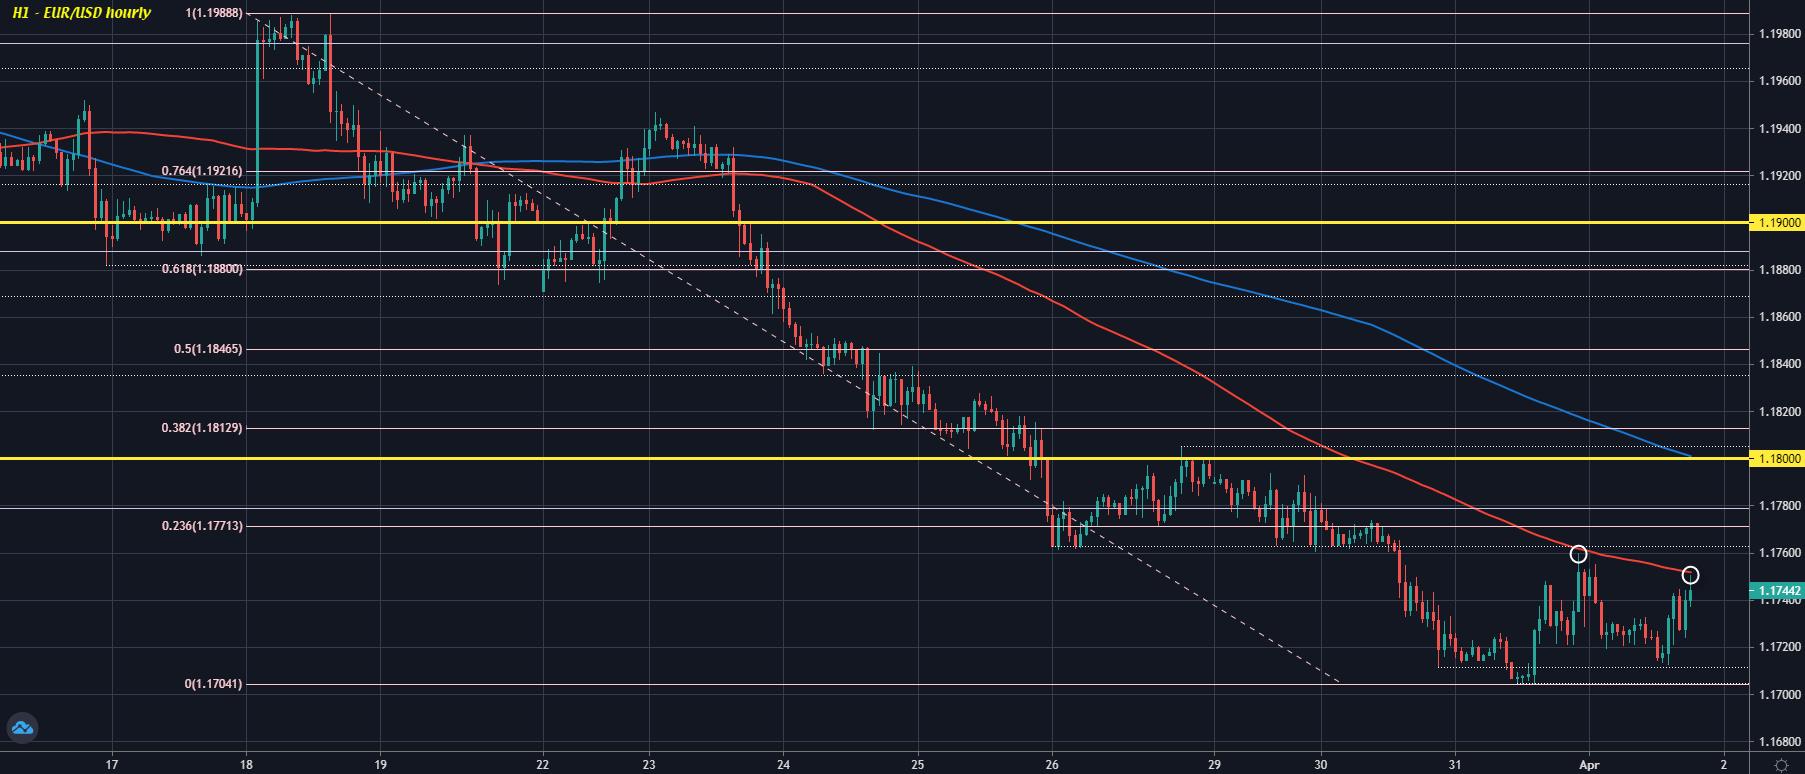 EUR / USD H1 01-04